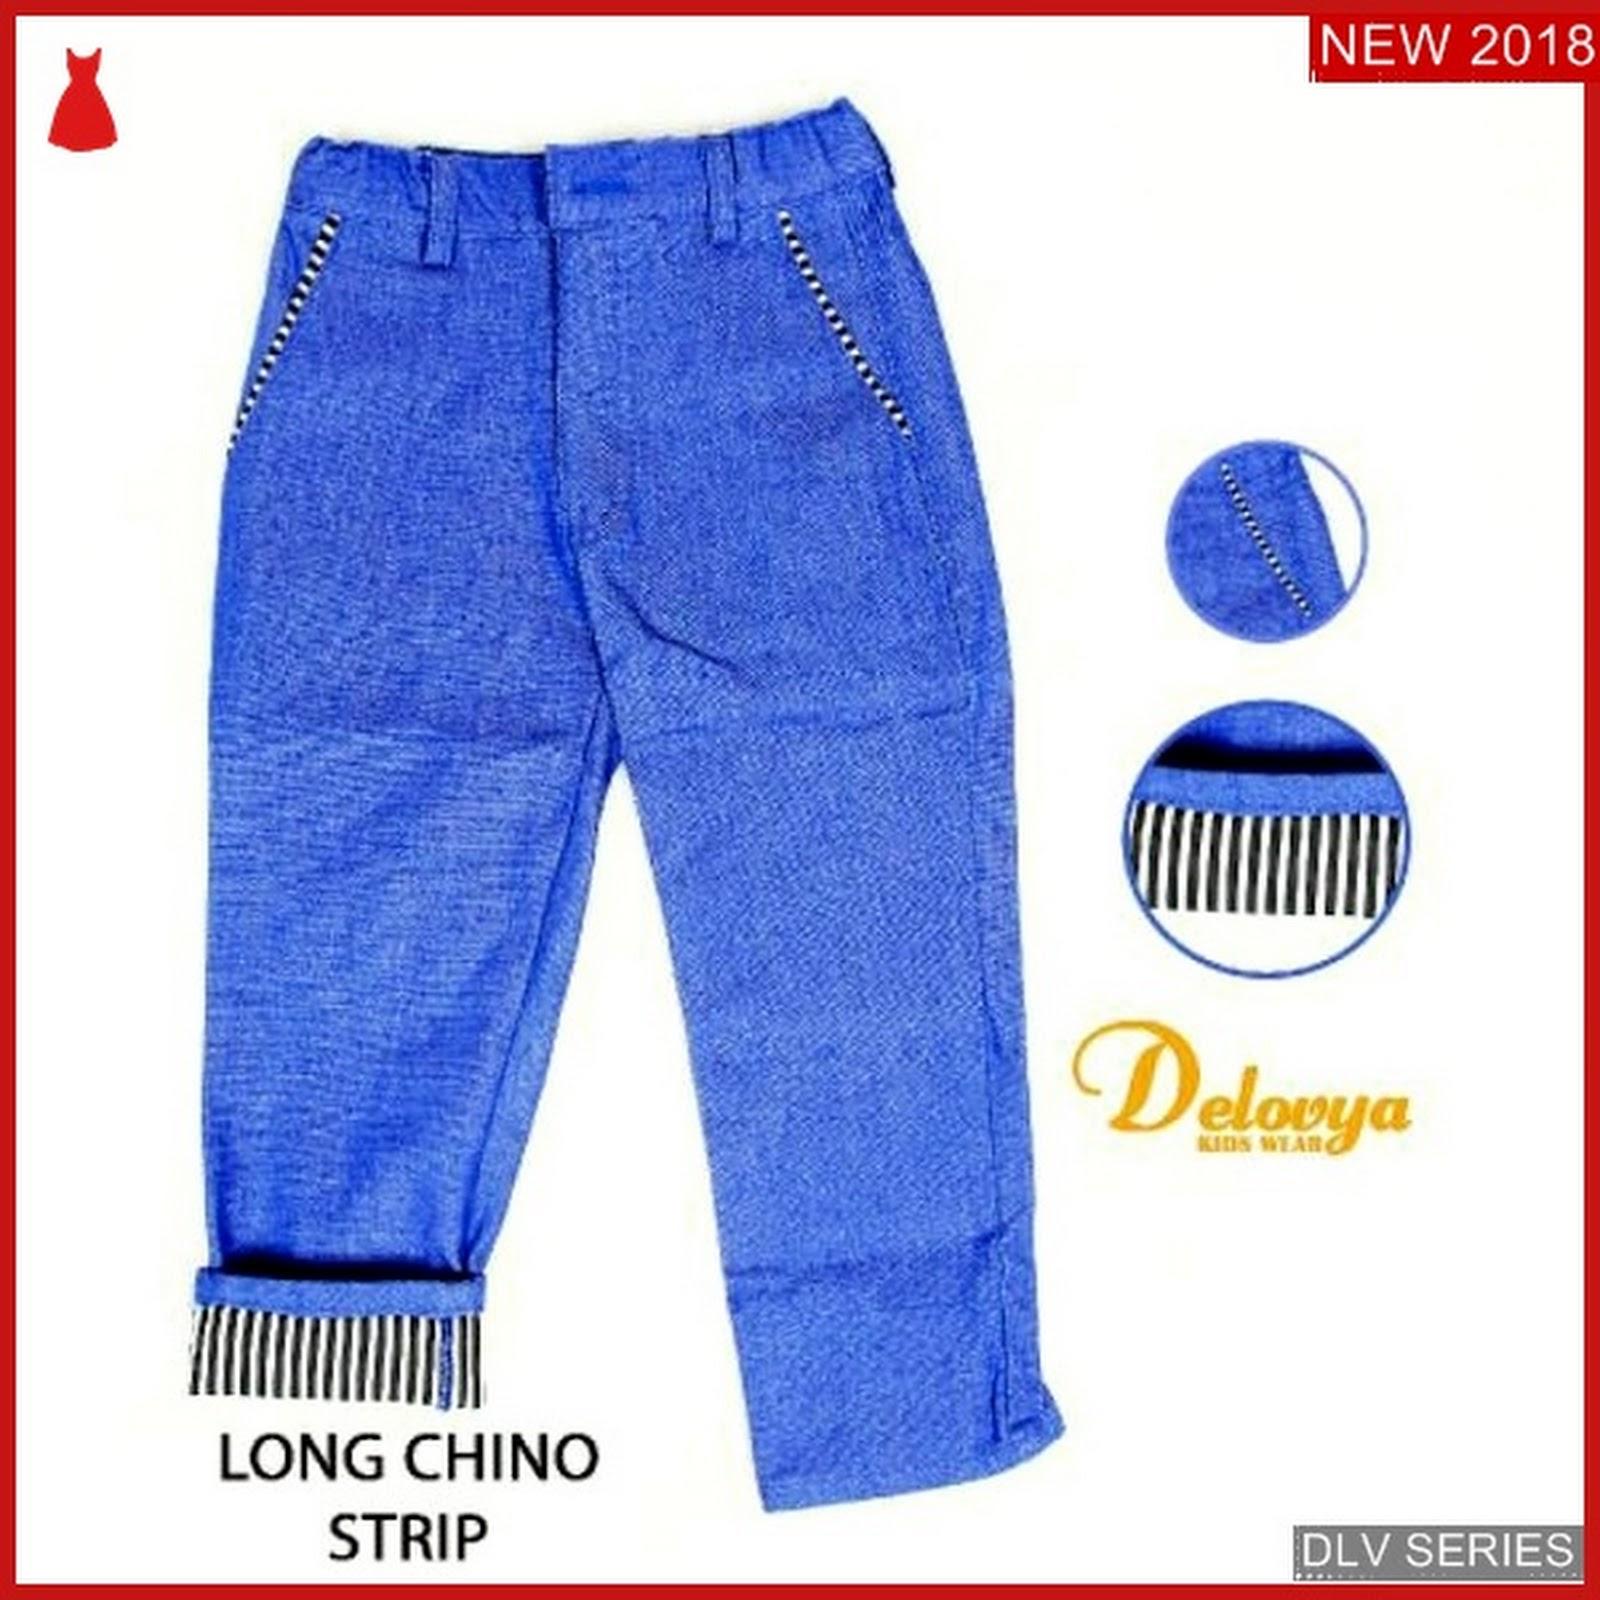 Promo Harris Brown Celana Panjang Anak Heyboy Bahan Chinos Stretch 2 Mini Skelly Pop Ls Wtn Back 10 11 Tahun Long Chino Review Harga Terkini Dan Terlengkap